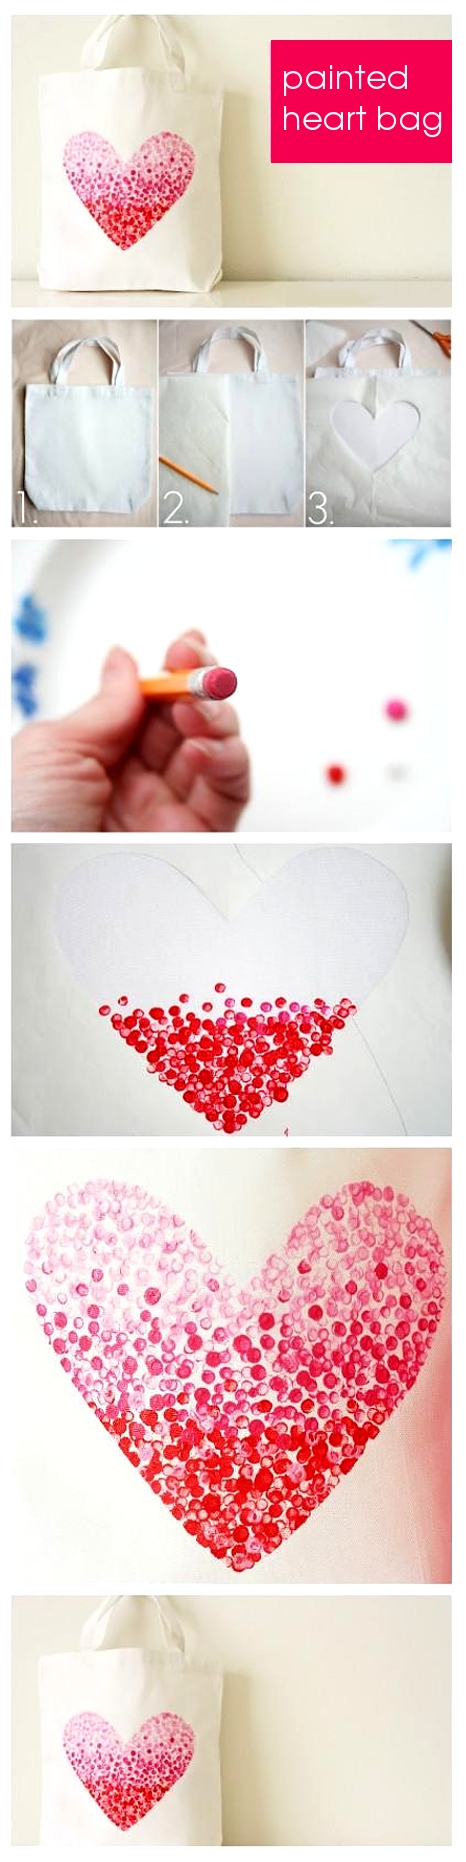 DIY heart bag